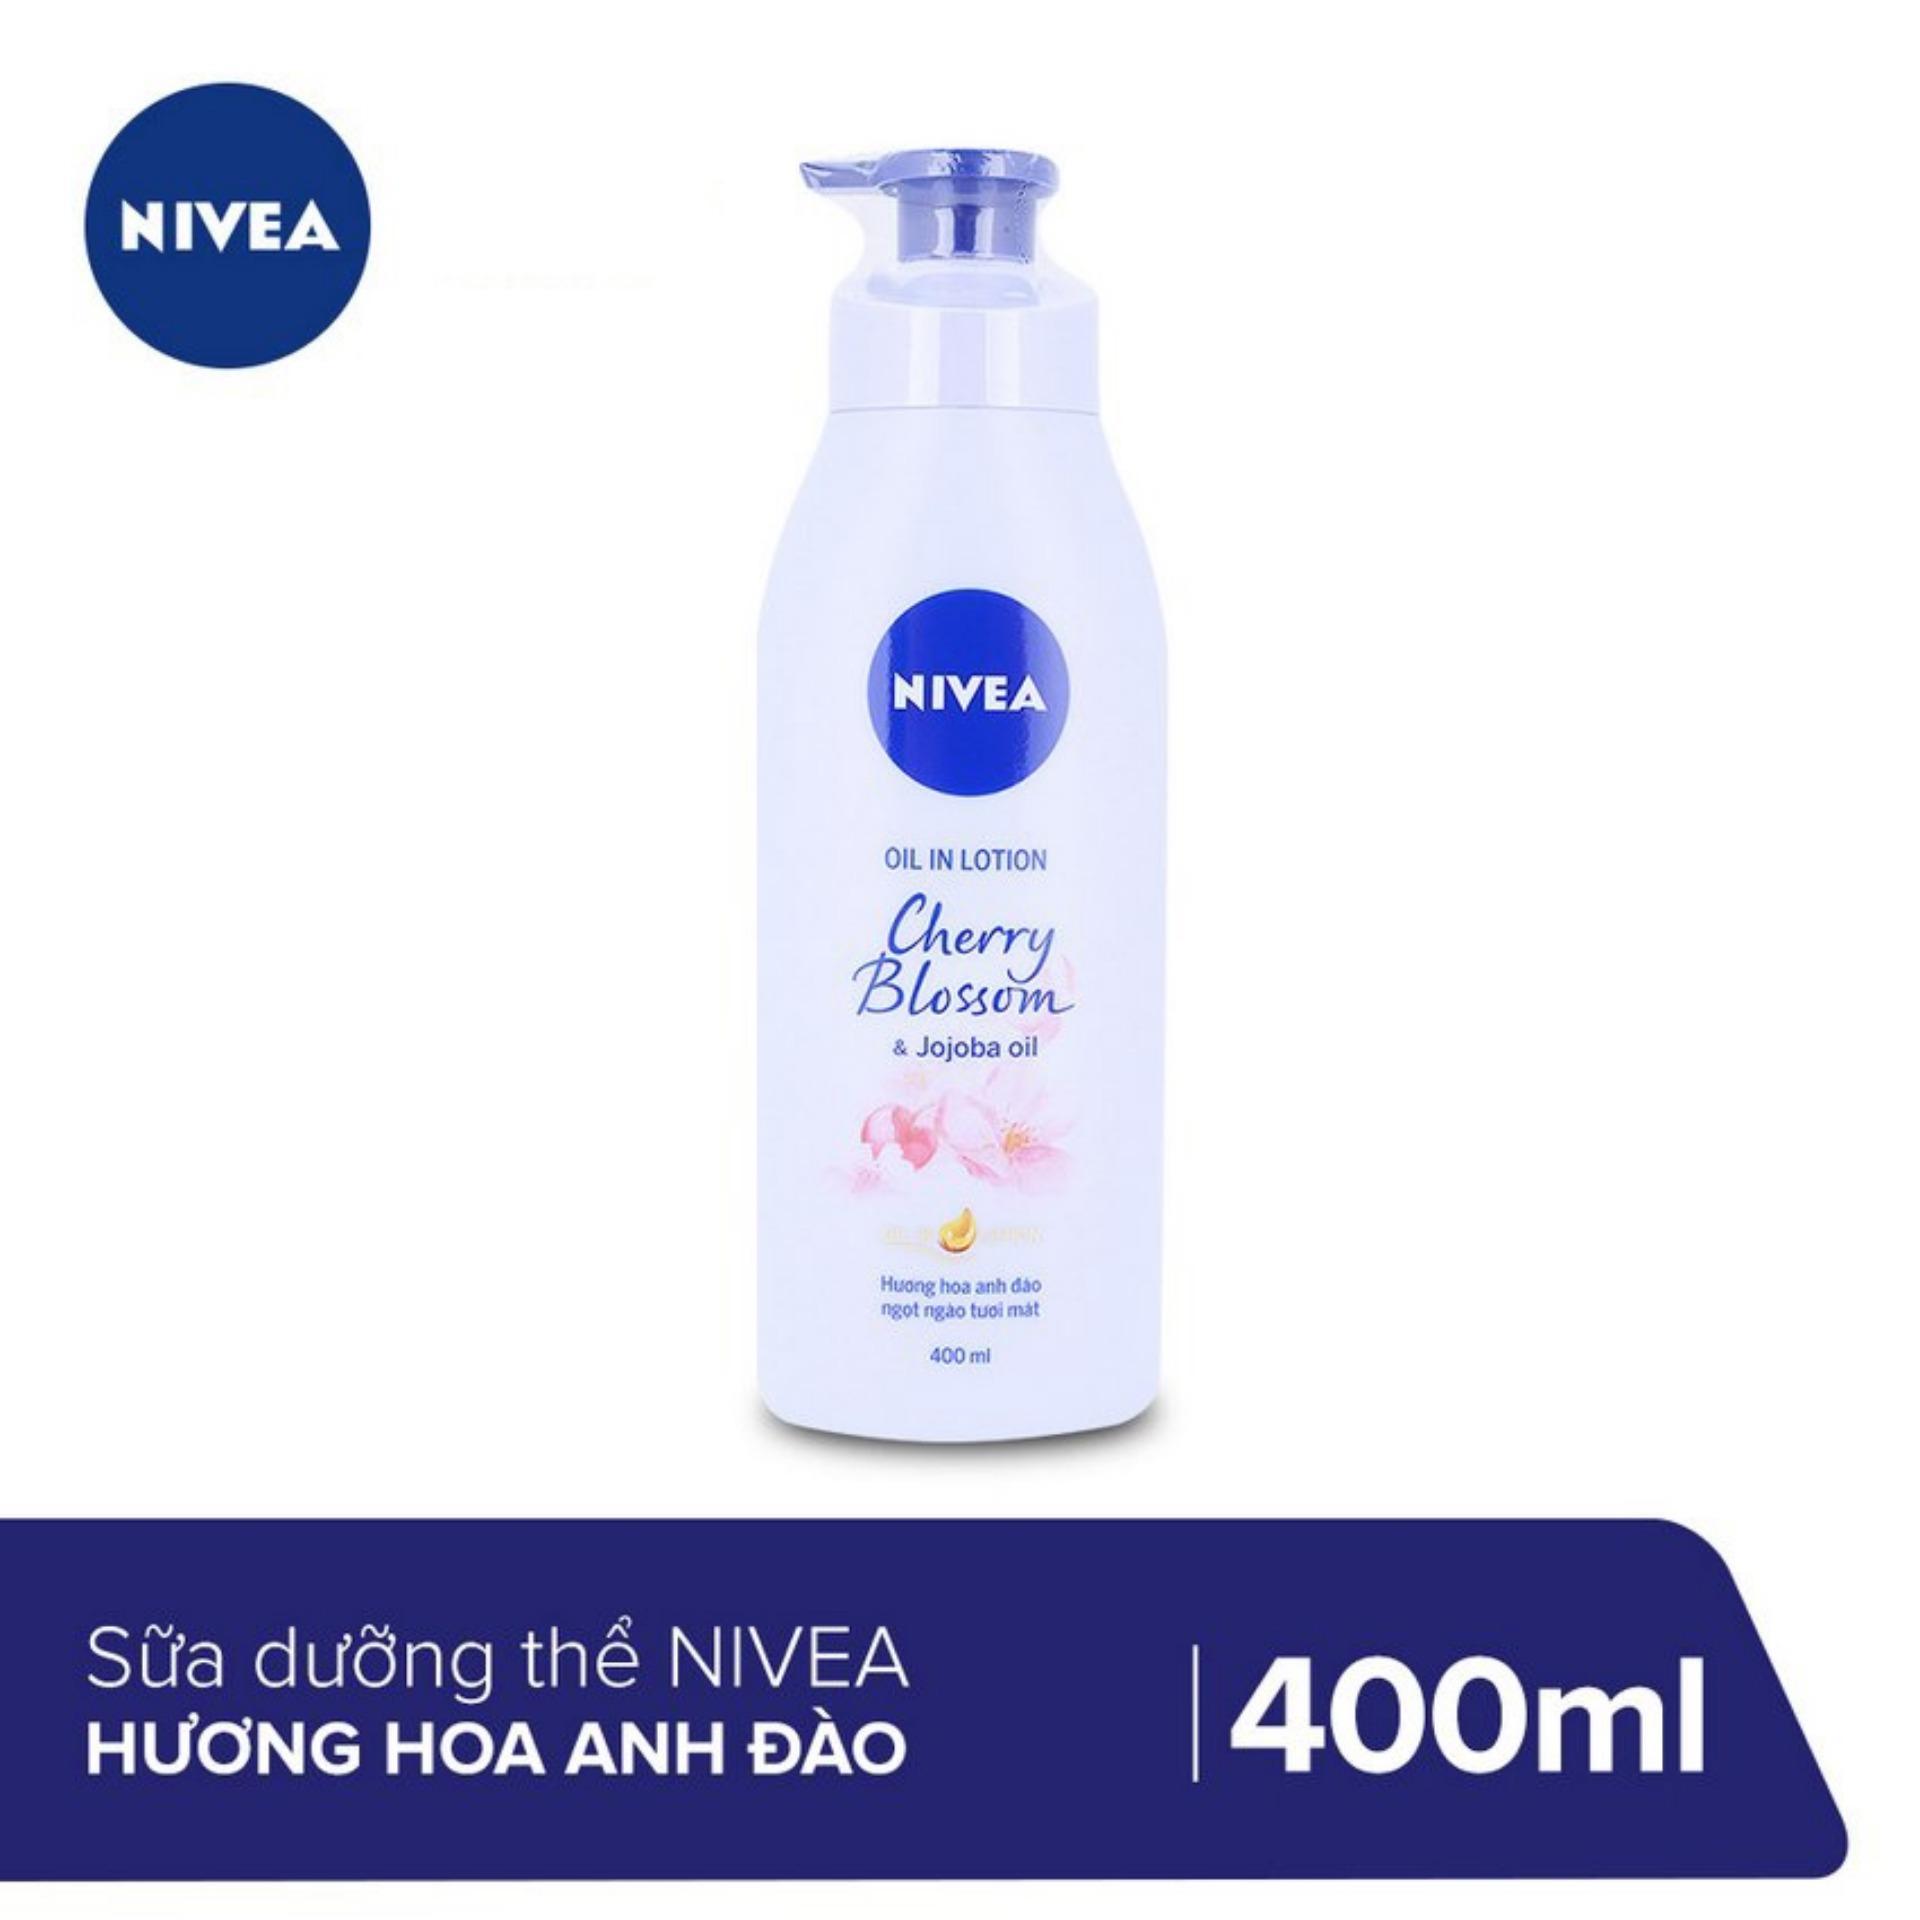 Sữa Dưỡng Thể Nivea Hương Hoa Anh Đào 400ml _ 88441 nhập khẩu